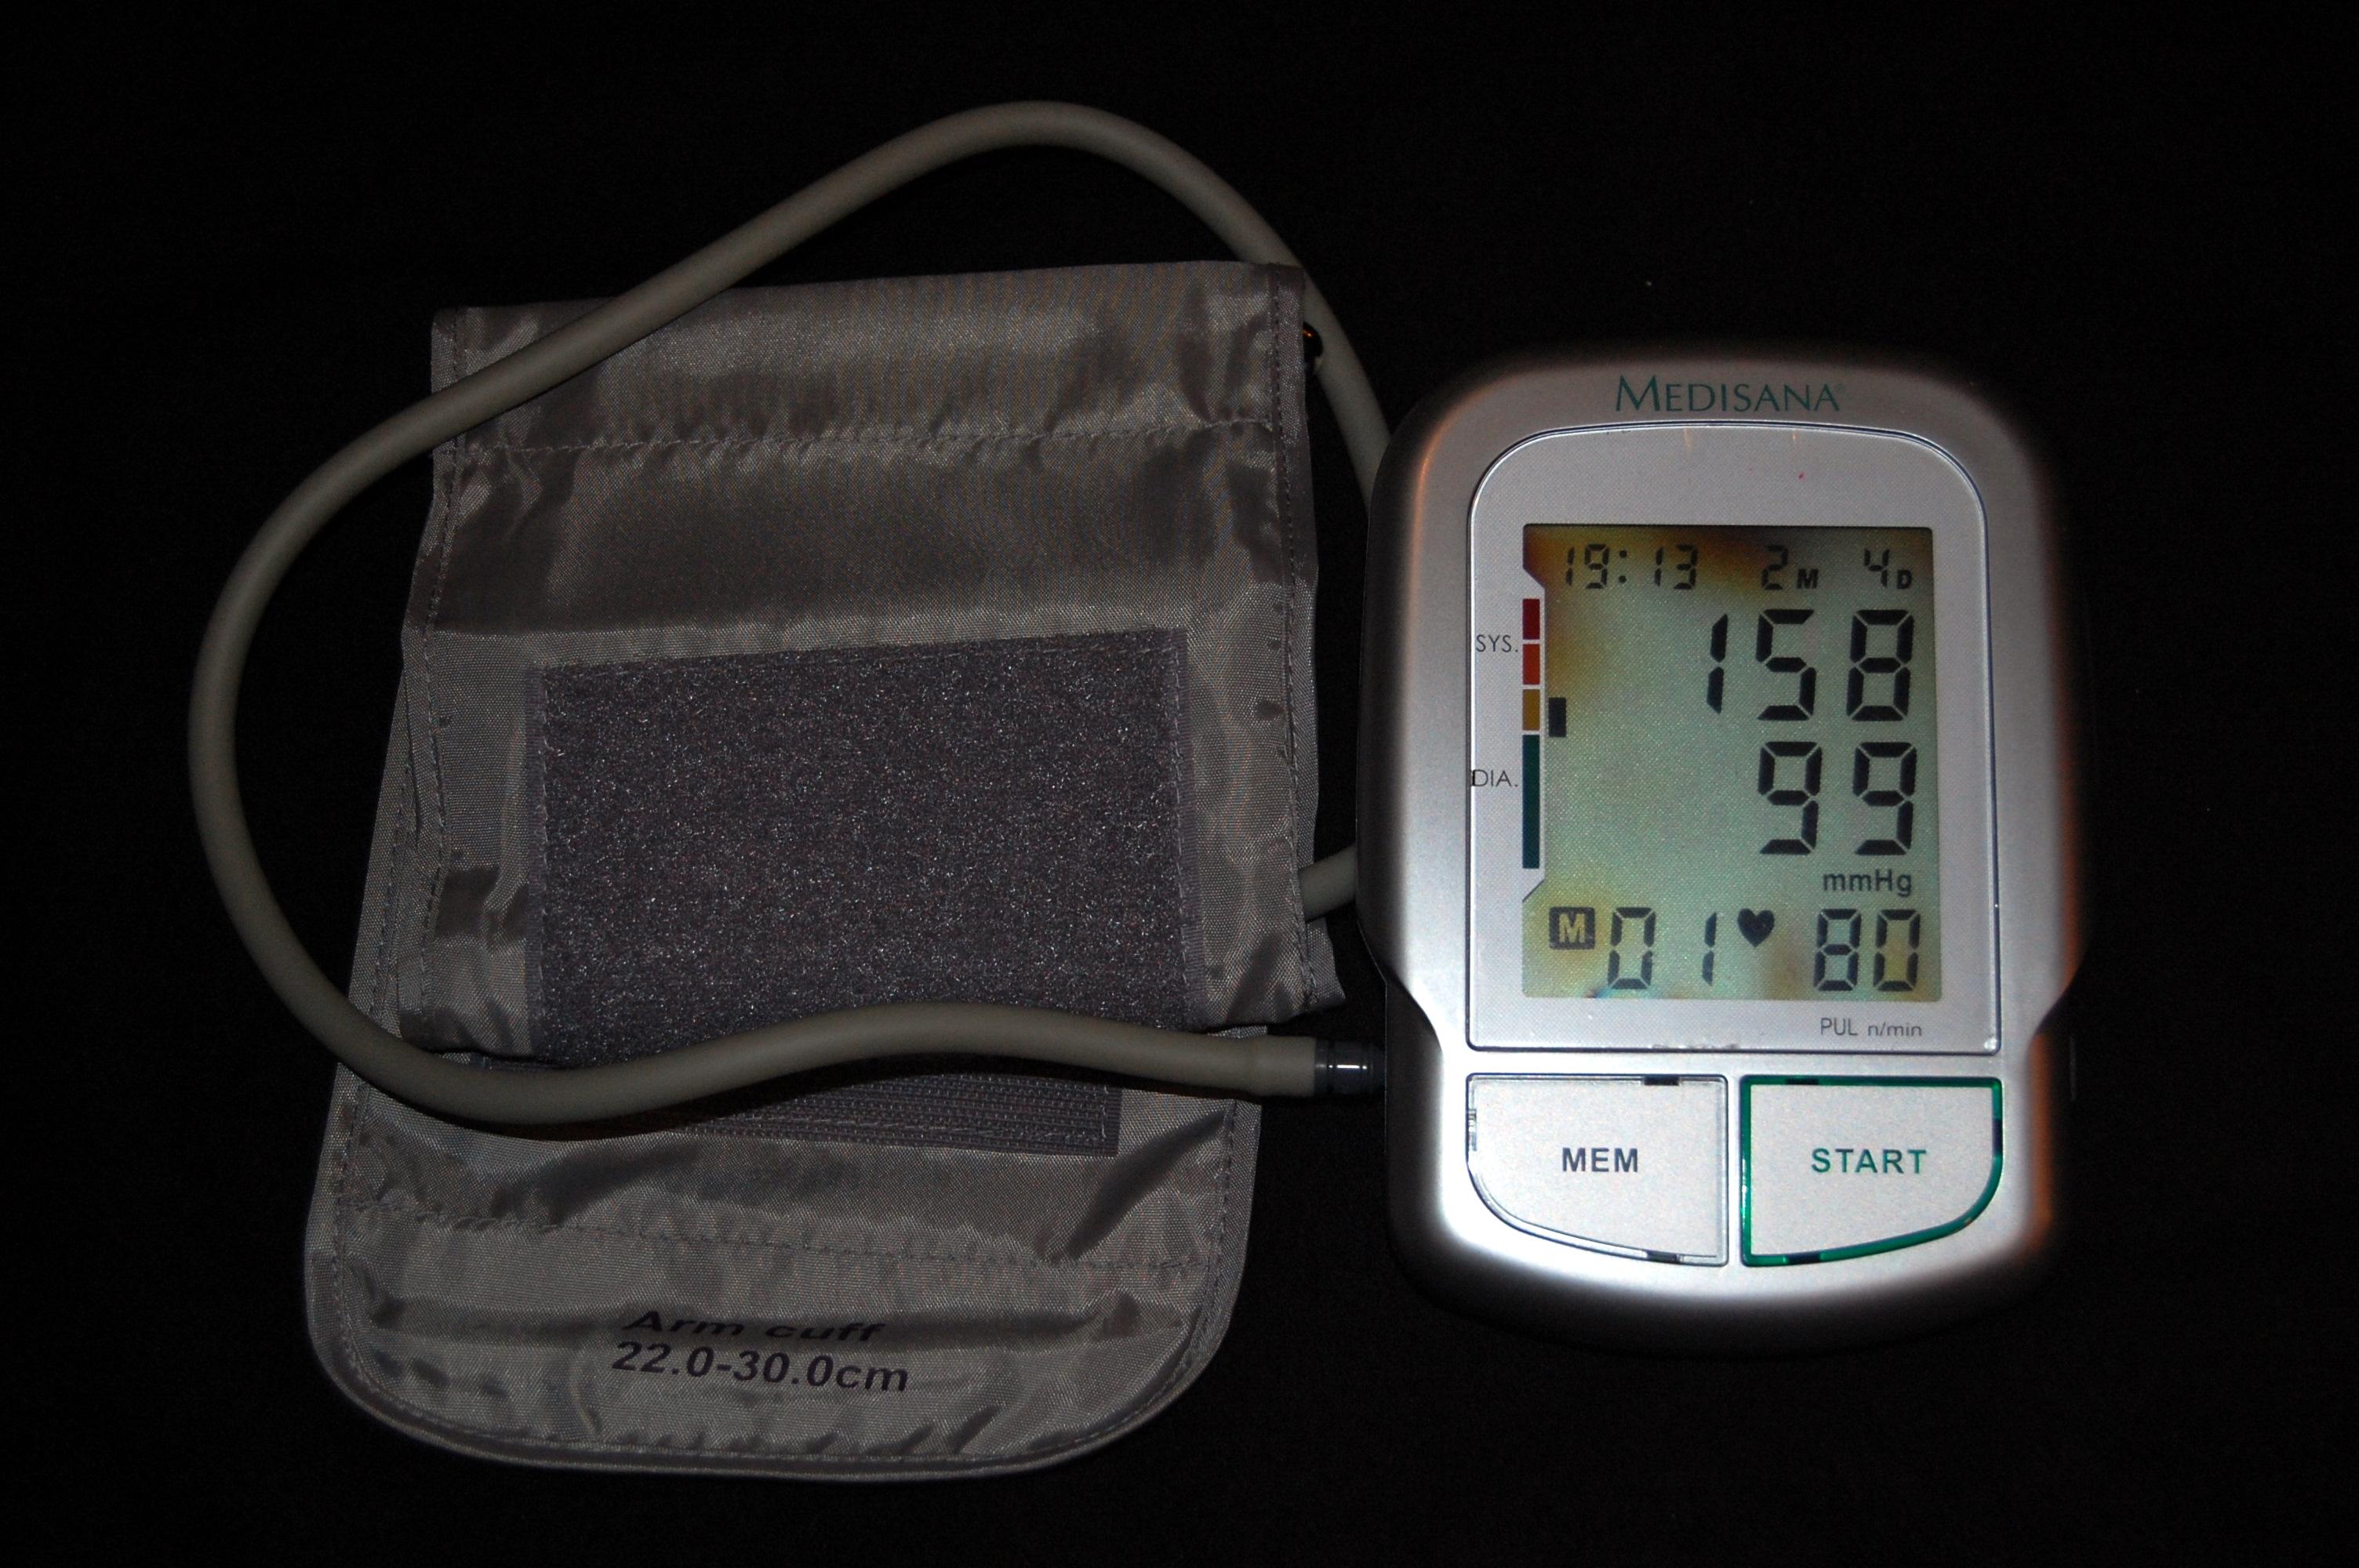 invalidnosti hipertenzija korak 3